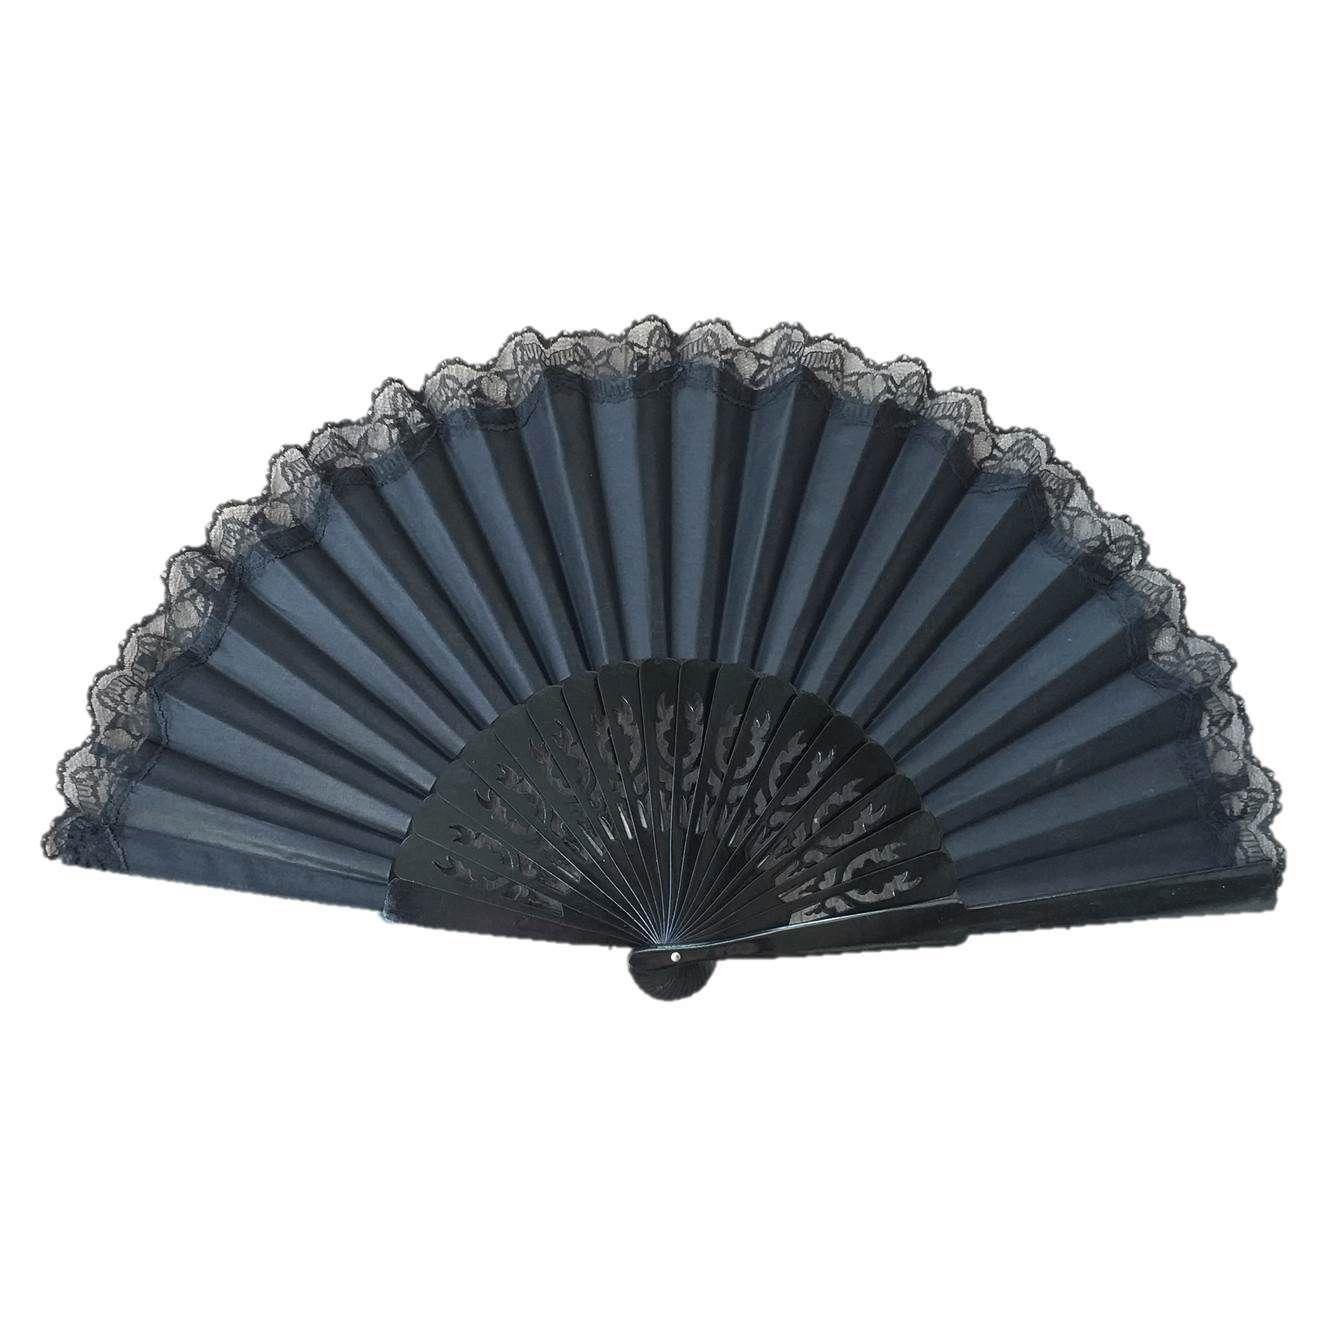 ABANICO PERICÓN 32cm leque flamenco grande preto com renda